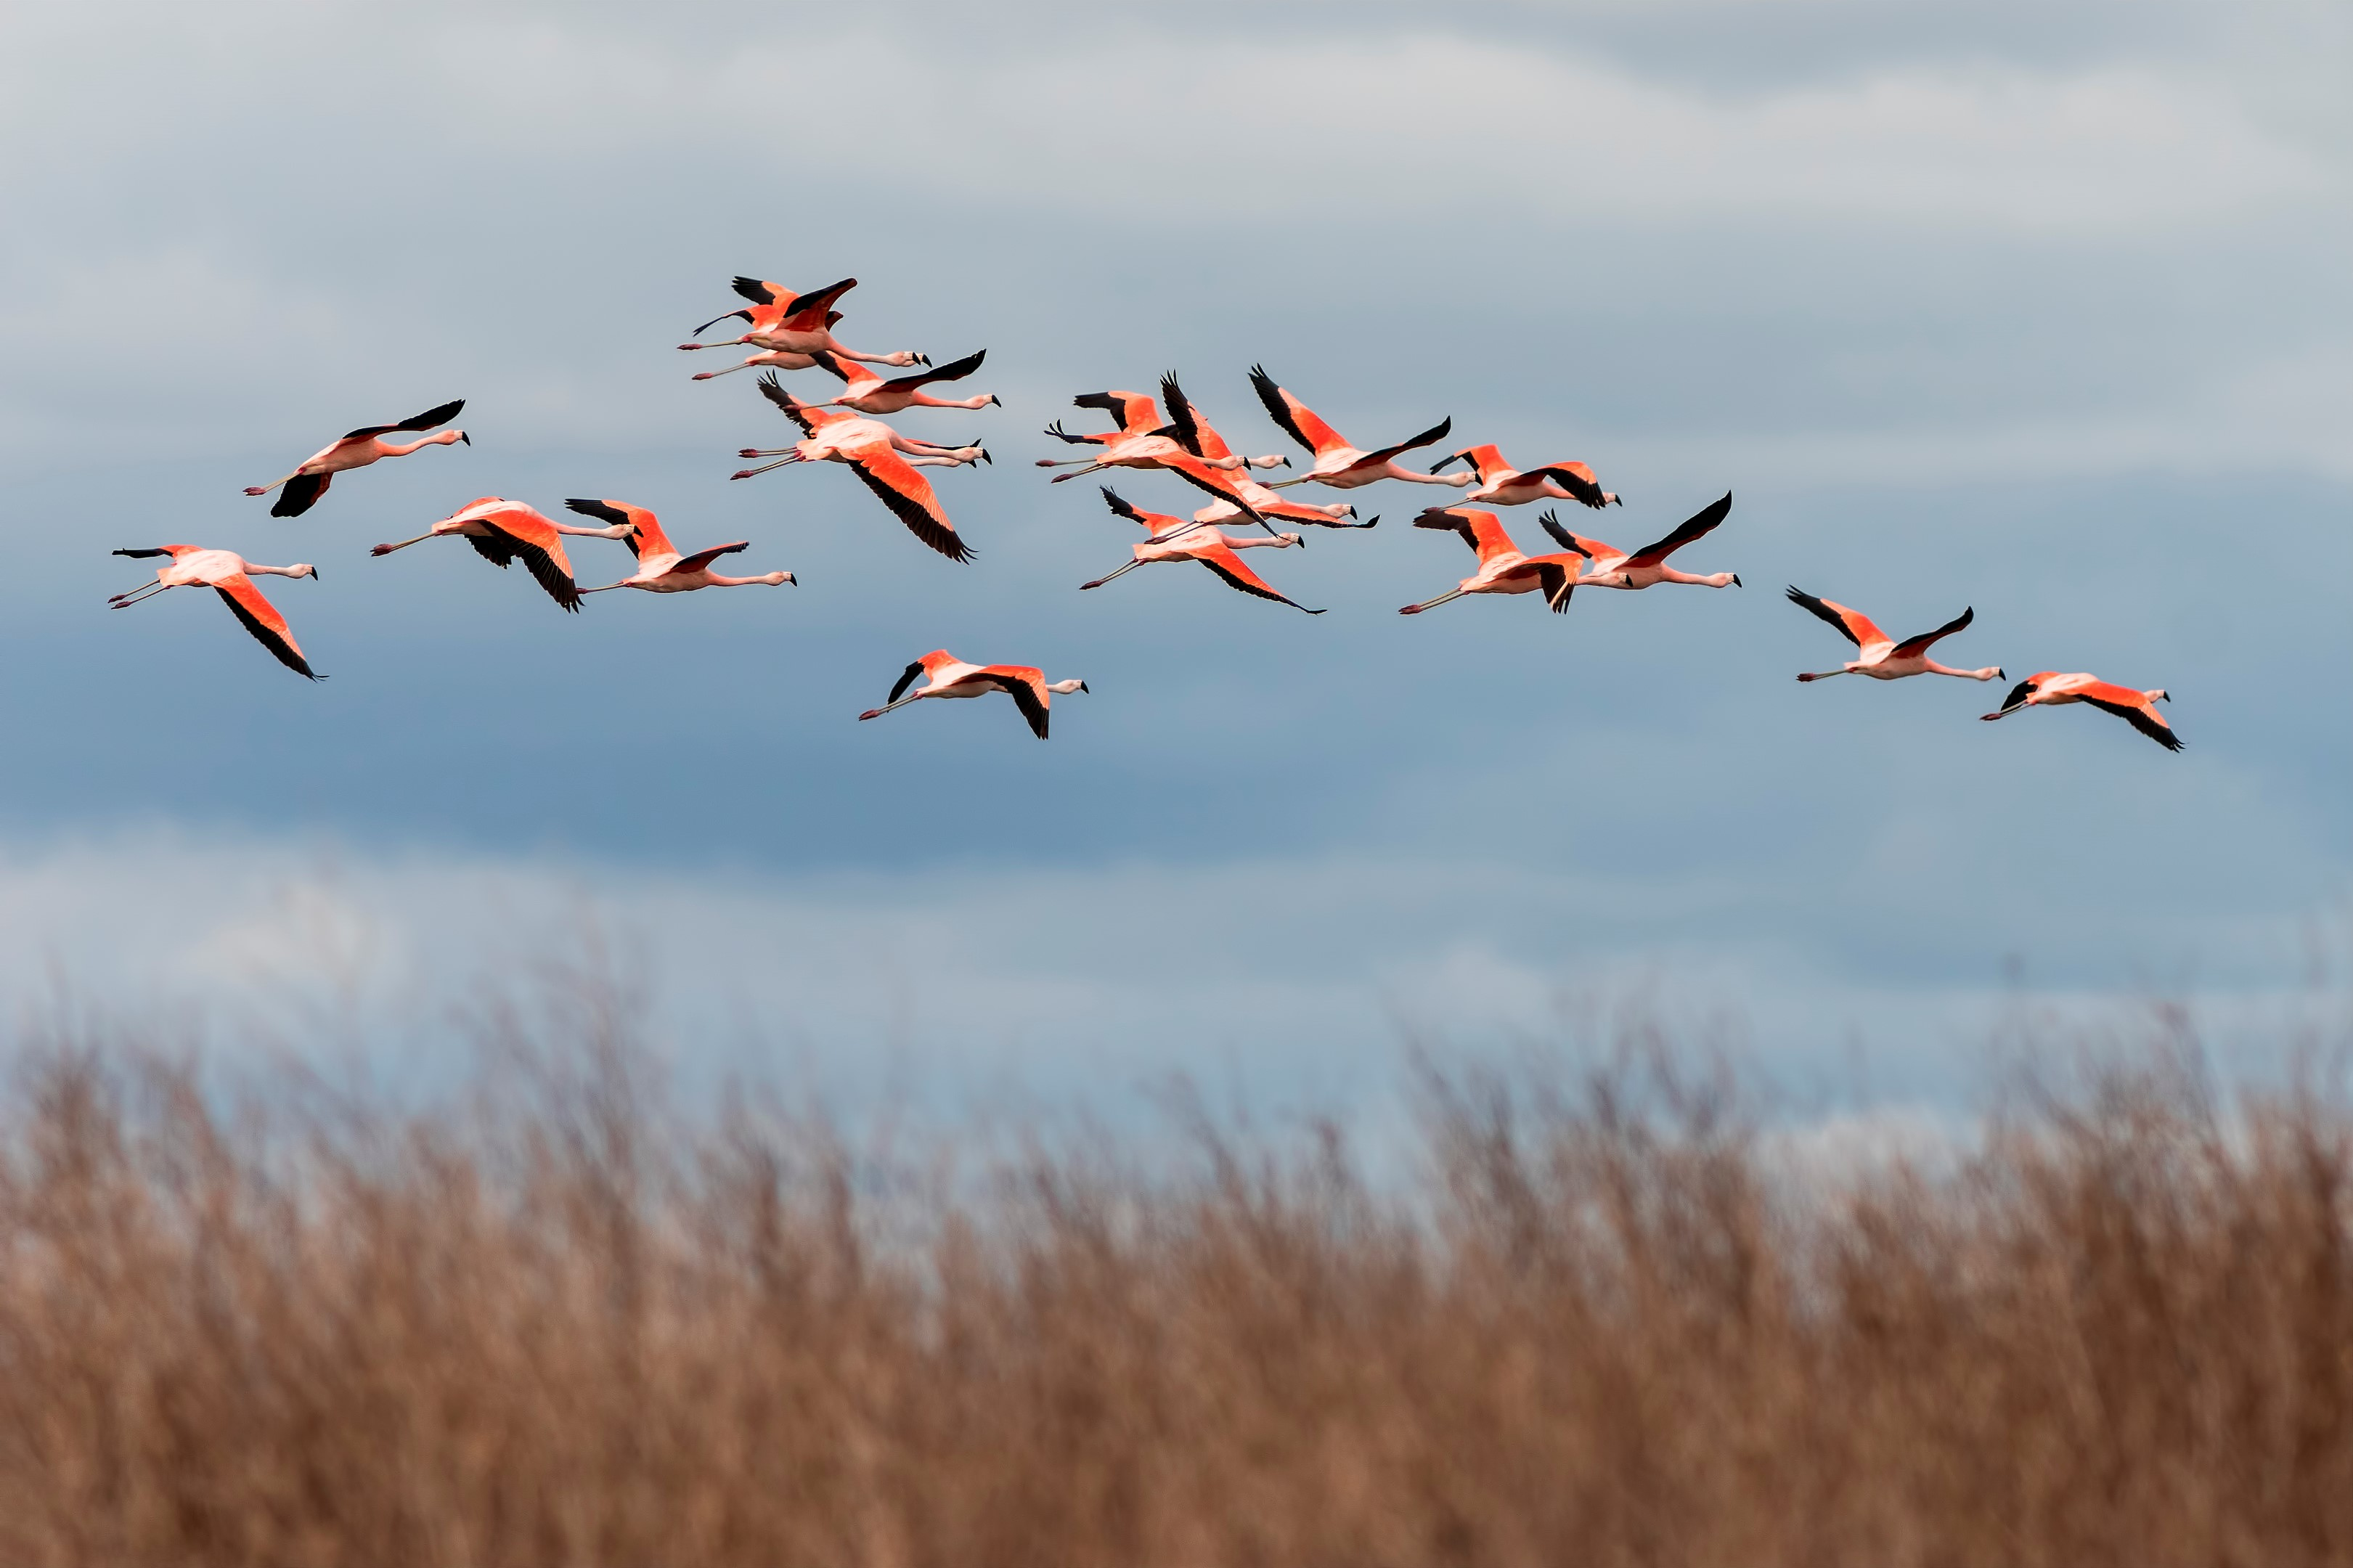 Mirar las aves, una pasión que mueve multitudes | Descubrir Turismo